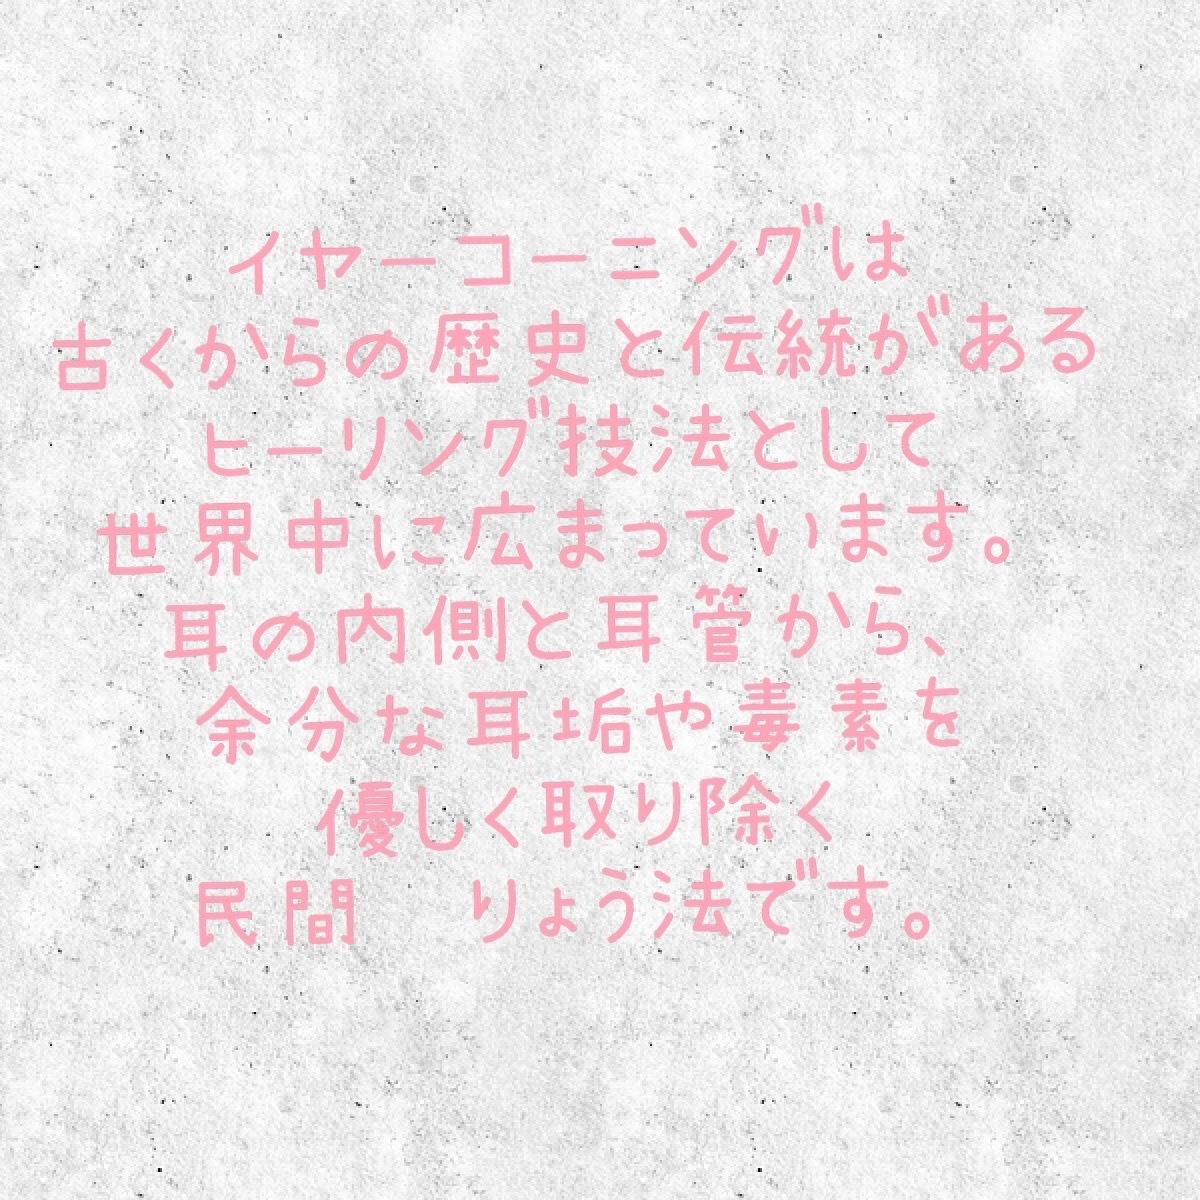 出雲・あめつち☆光のイヤーコーニング仙台_c0195362_18552013.jpeg